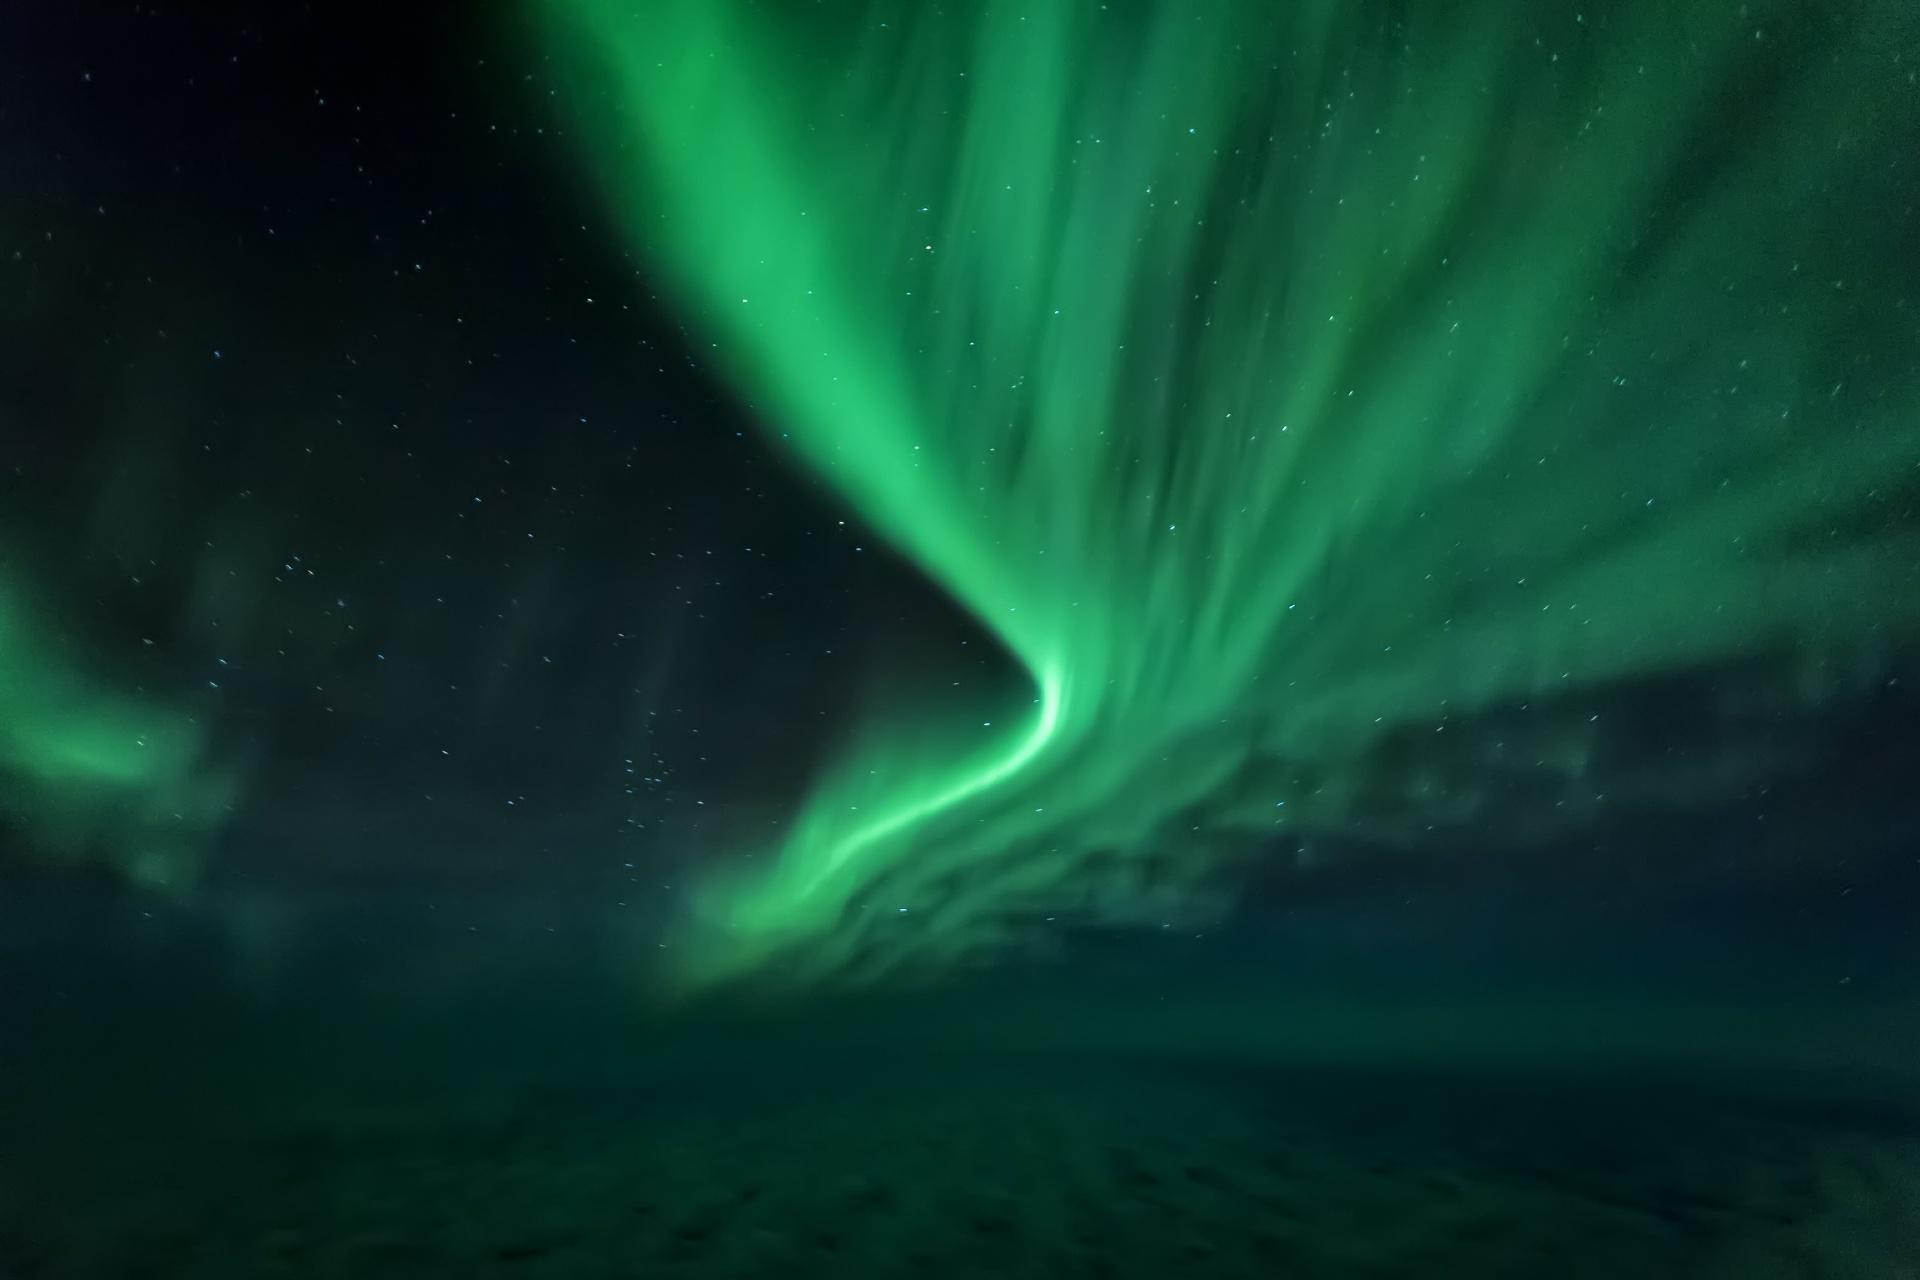 グリーンランドのオーロラの風景